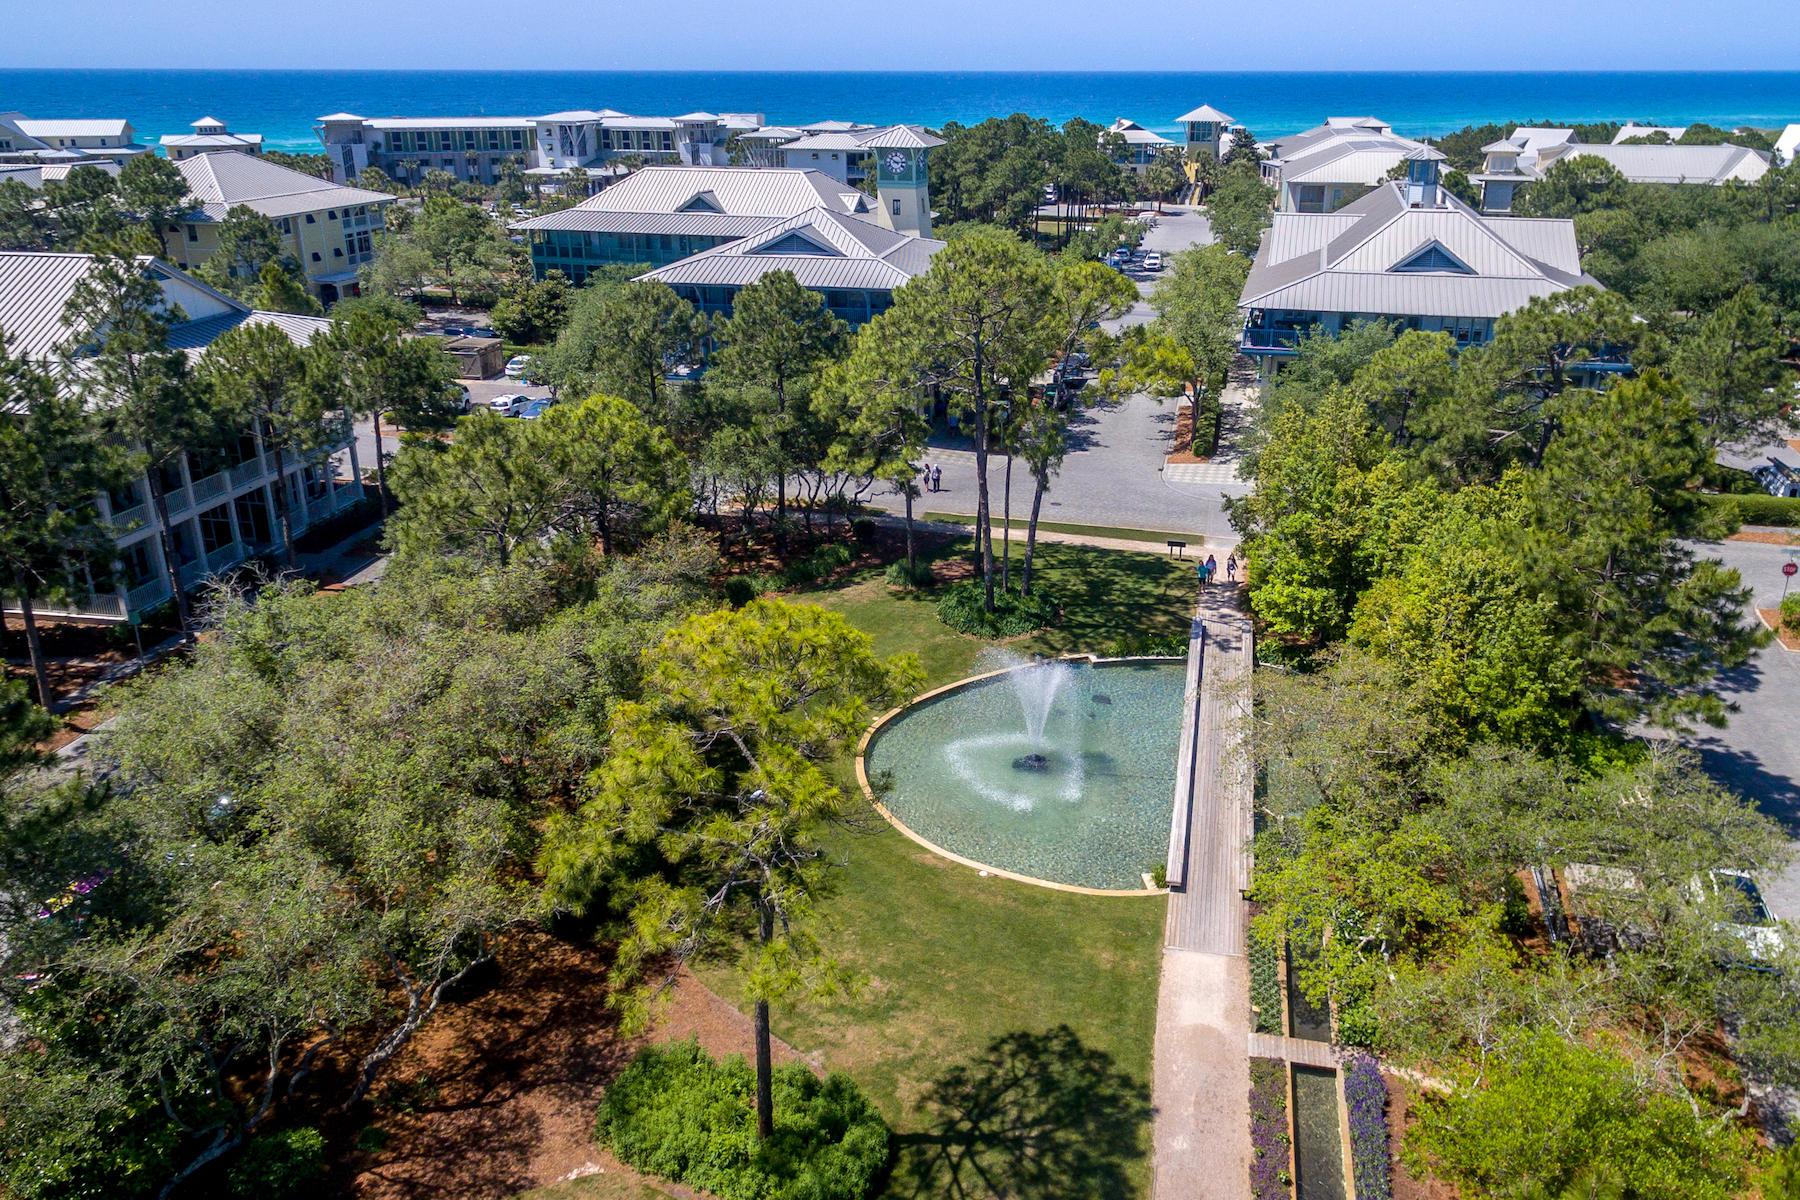 605 Western Lake,Santa Rosa Beach,Florida 32459,Vacant land,Western Lake,20131126143817002353000000